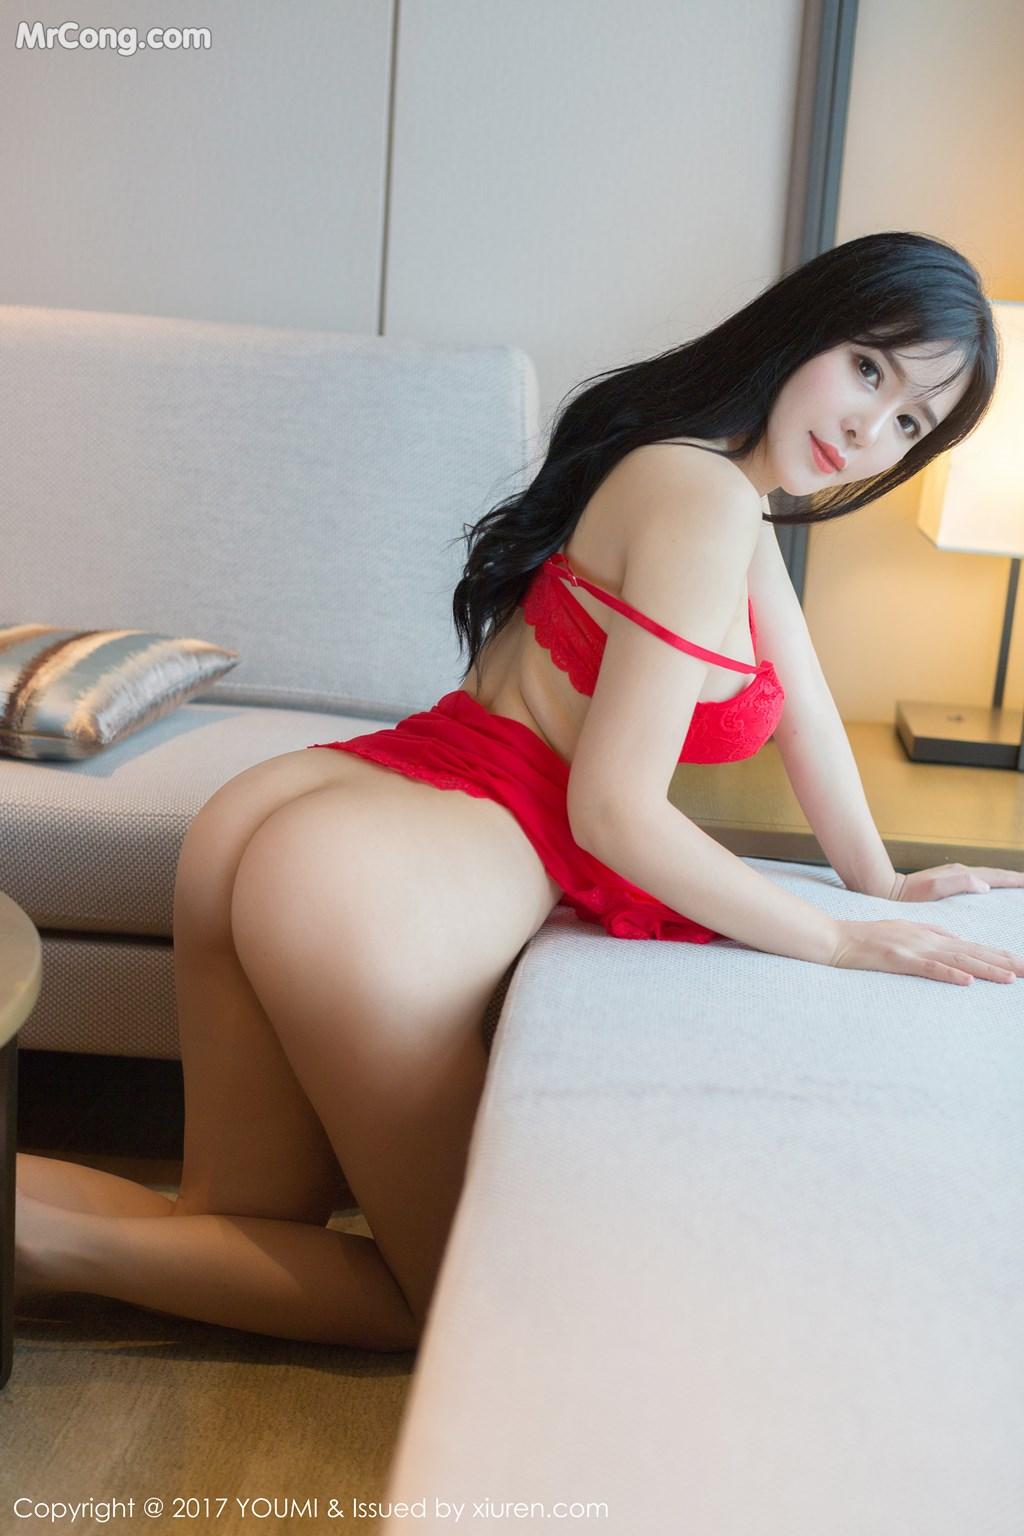 Image YouMi-Vol.064-Liu-Yu-Er-MrCong.com-024 in post YouMi Vol.064: Người mẫu Liu Yu Er (刘钰儿) (46 ảnh)